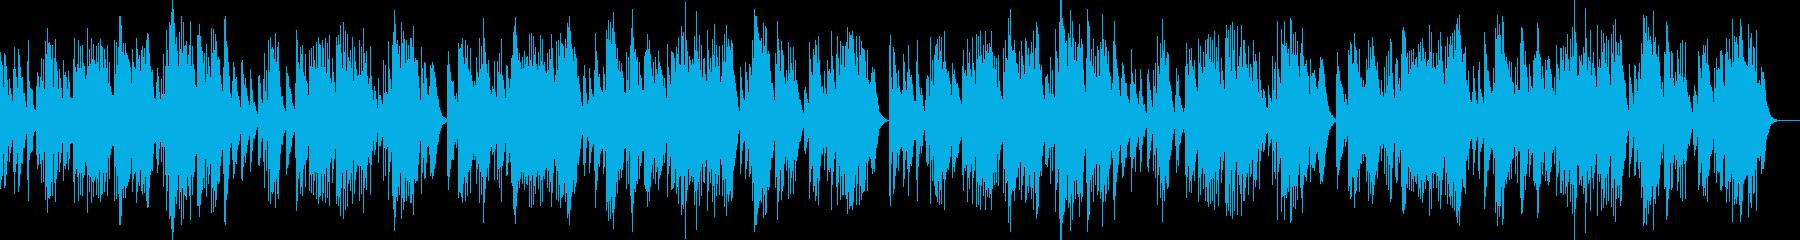 バッハ 「G線上のアリア」オルゴール の再生済みの波形